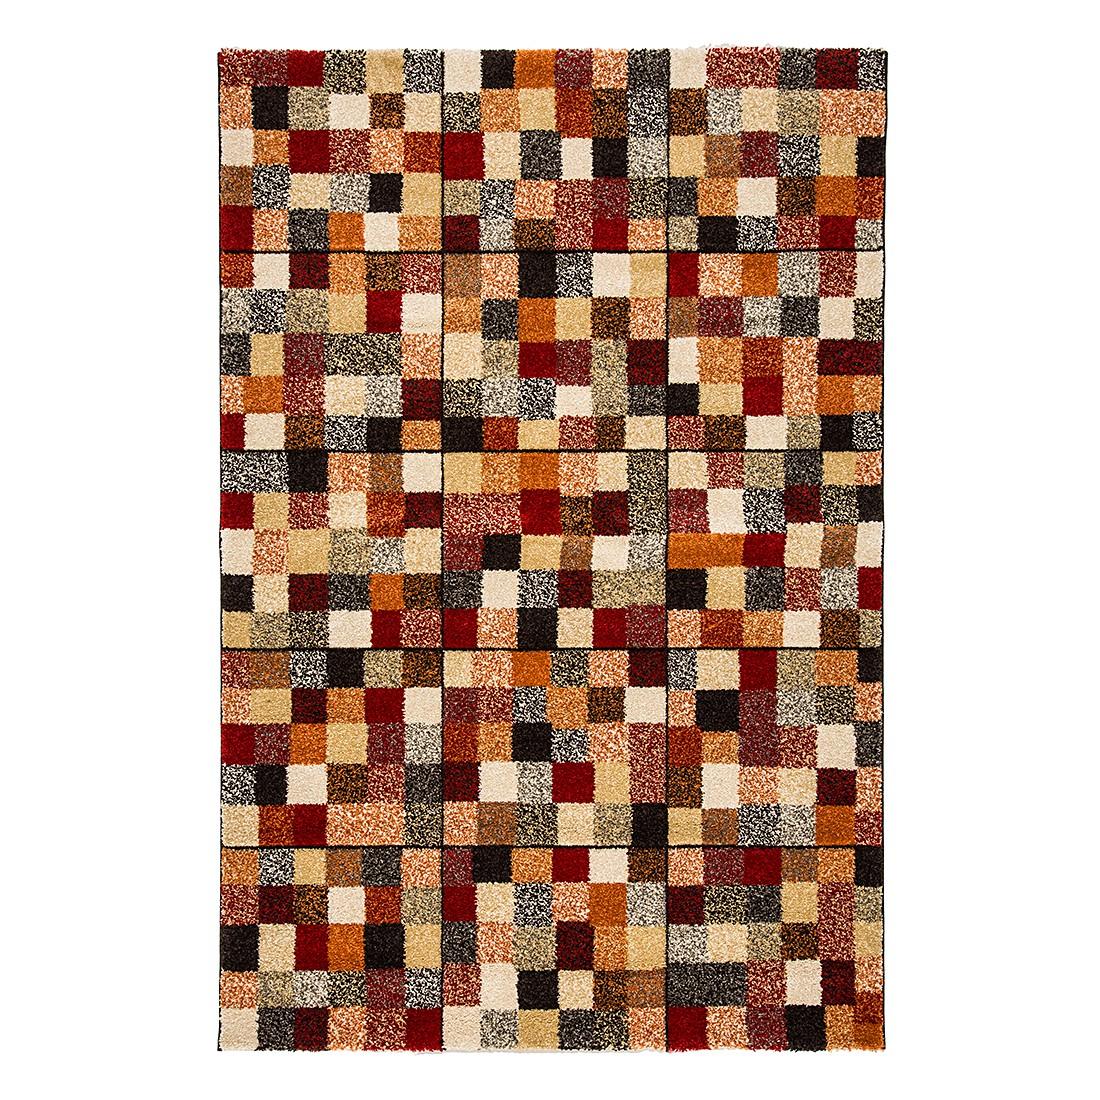 Teppich Design Mosaik – Bunt – 120 x 170 cm, Home24Deko bestellen